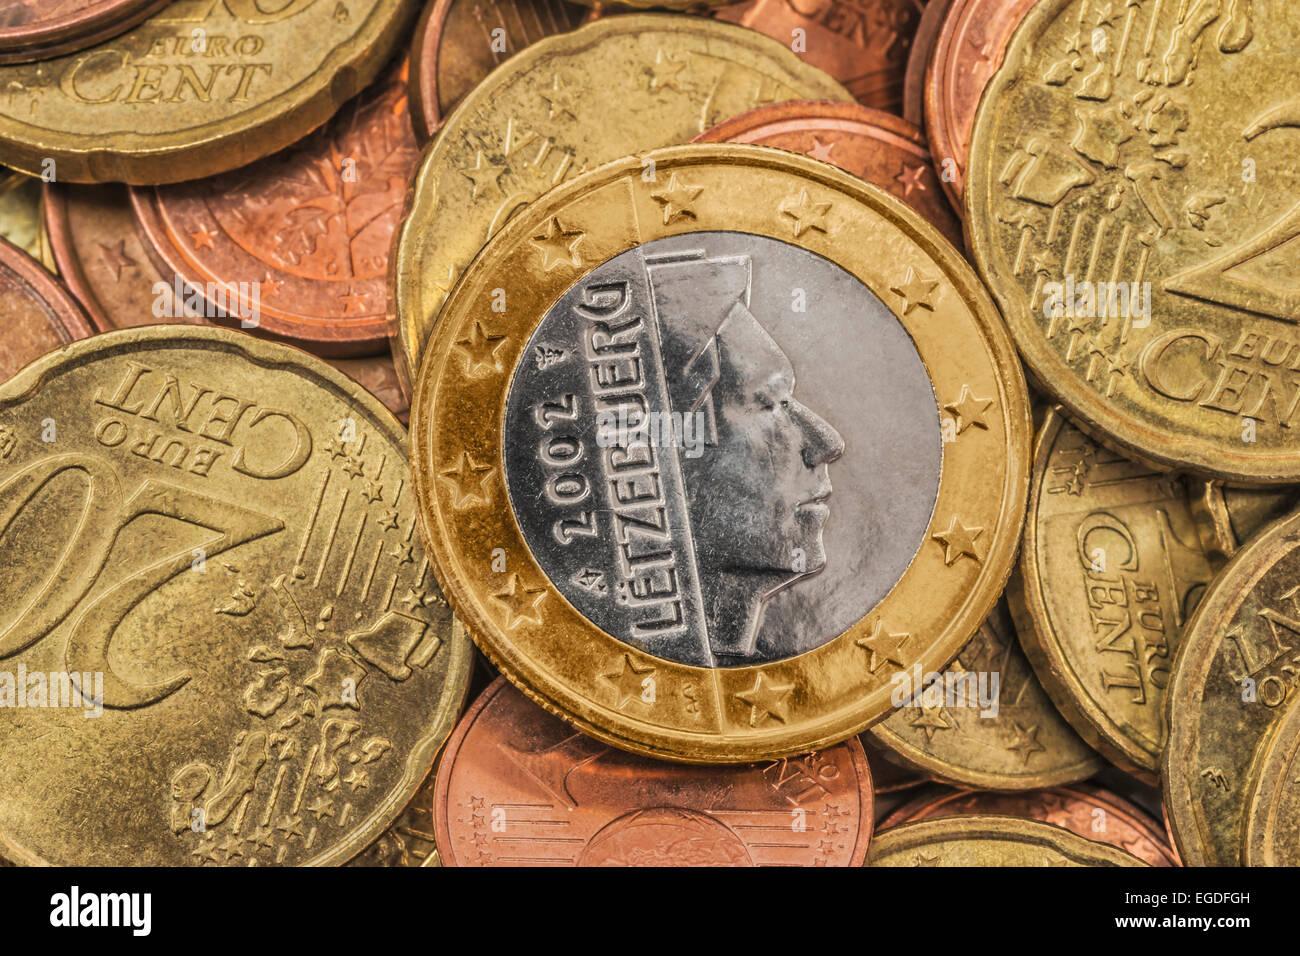 Viele Euro Münzen An Der Spitze Ist Eine 1 Euromünze Aus Luxemburg